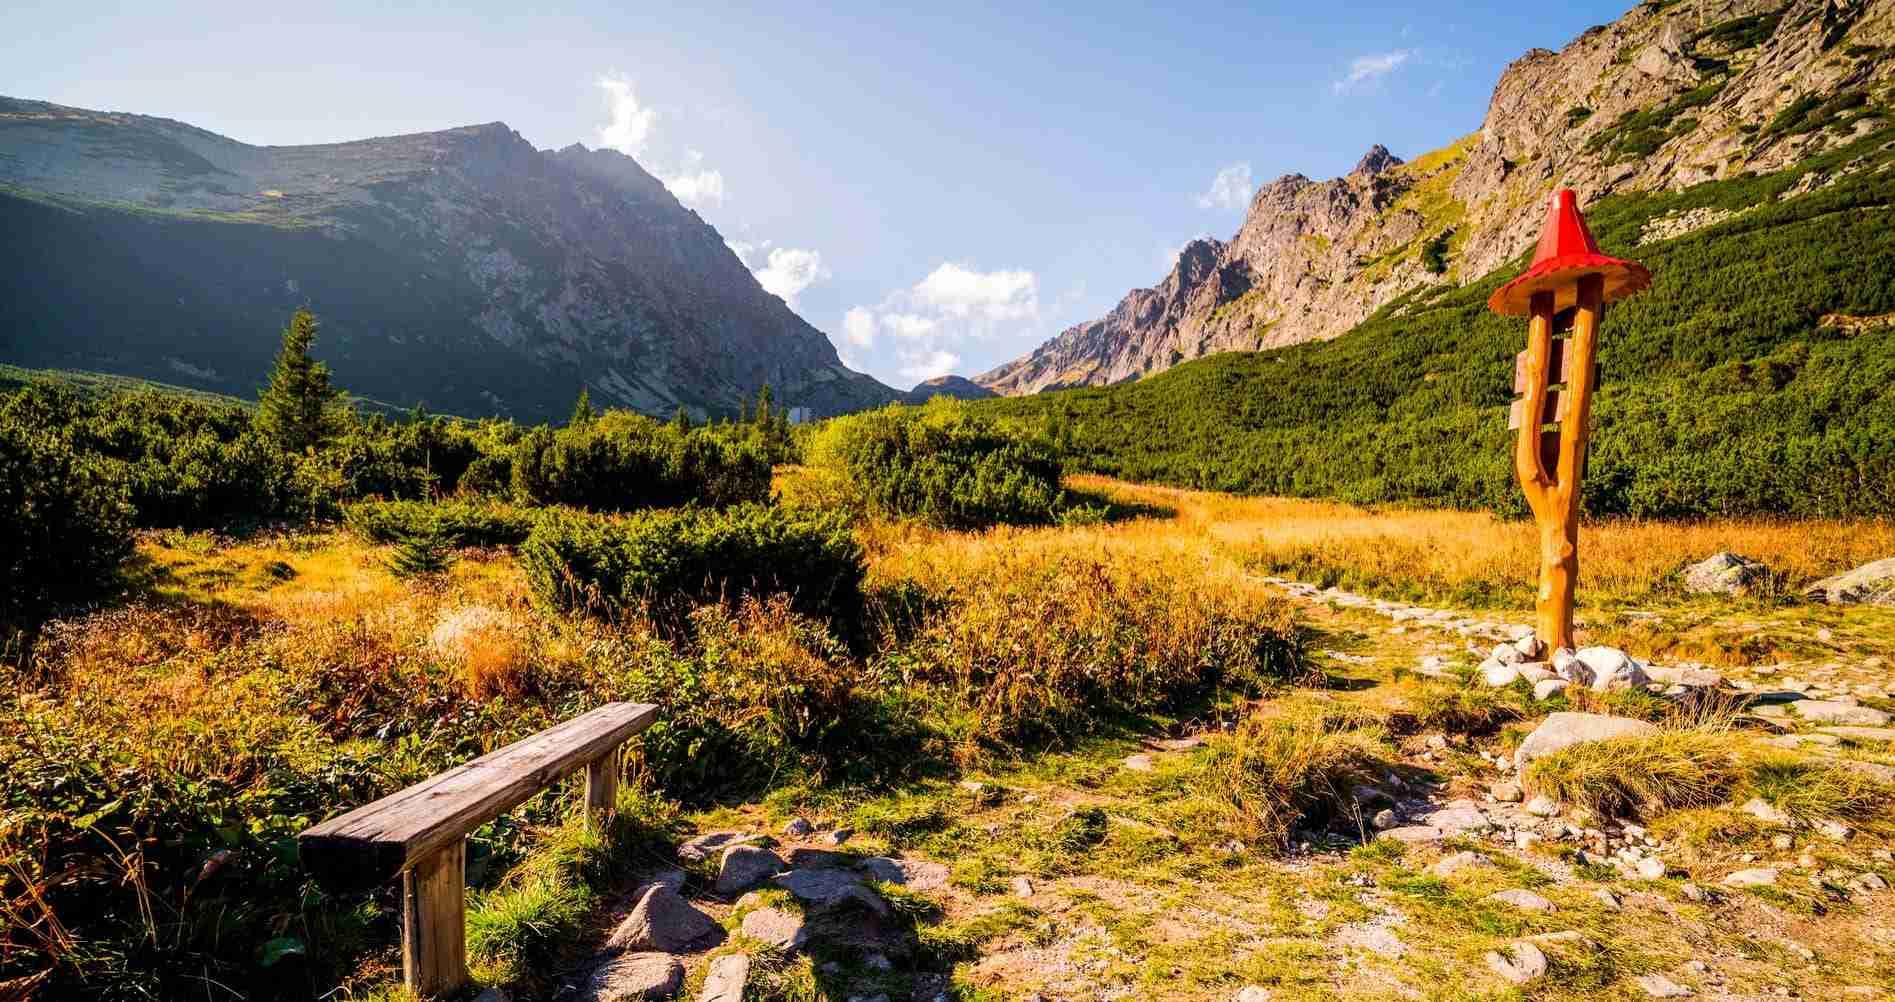 Climb Mount Gerlach, Climb Gerlach, High Tatras and Mount Gerlach, Gerlachovský štít